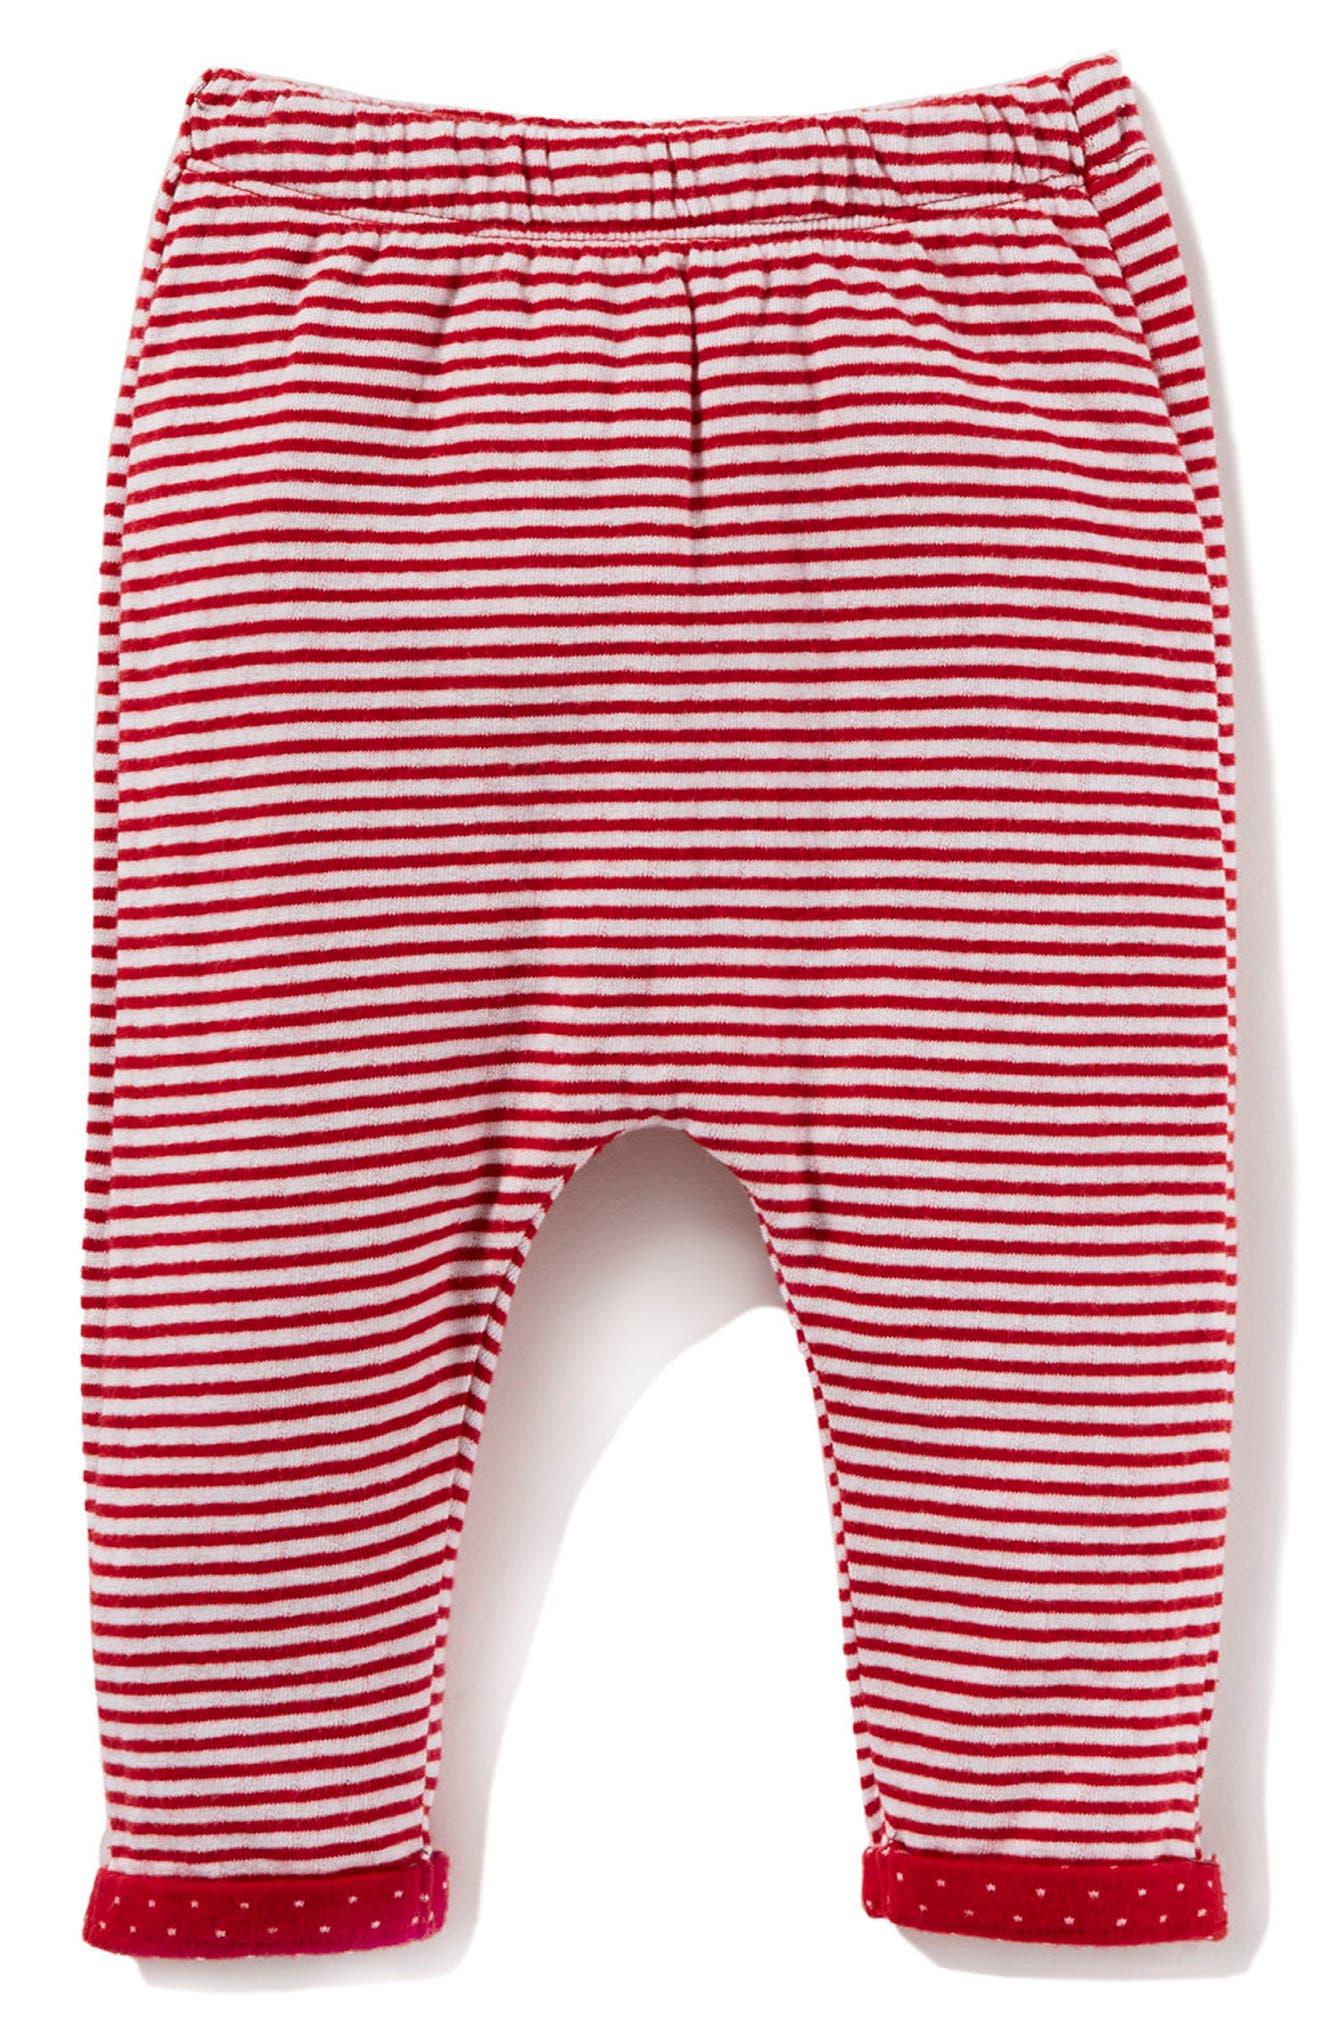 Peek Marley Pants,                         Main,                         color, Red